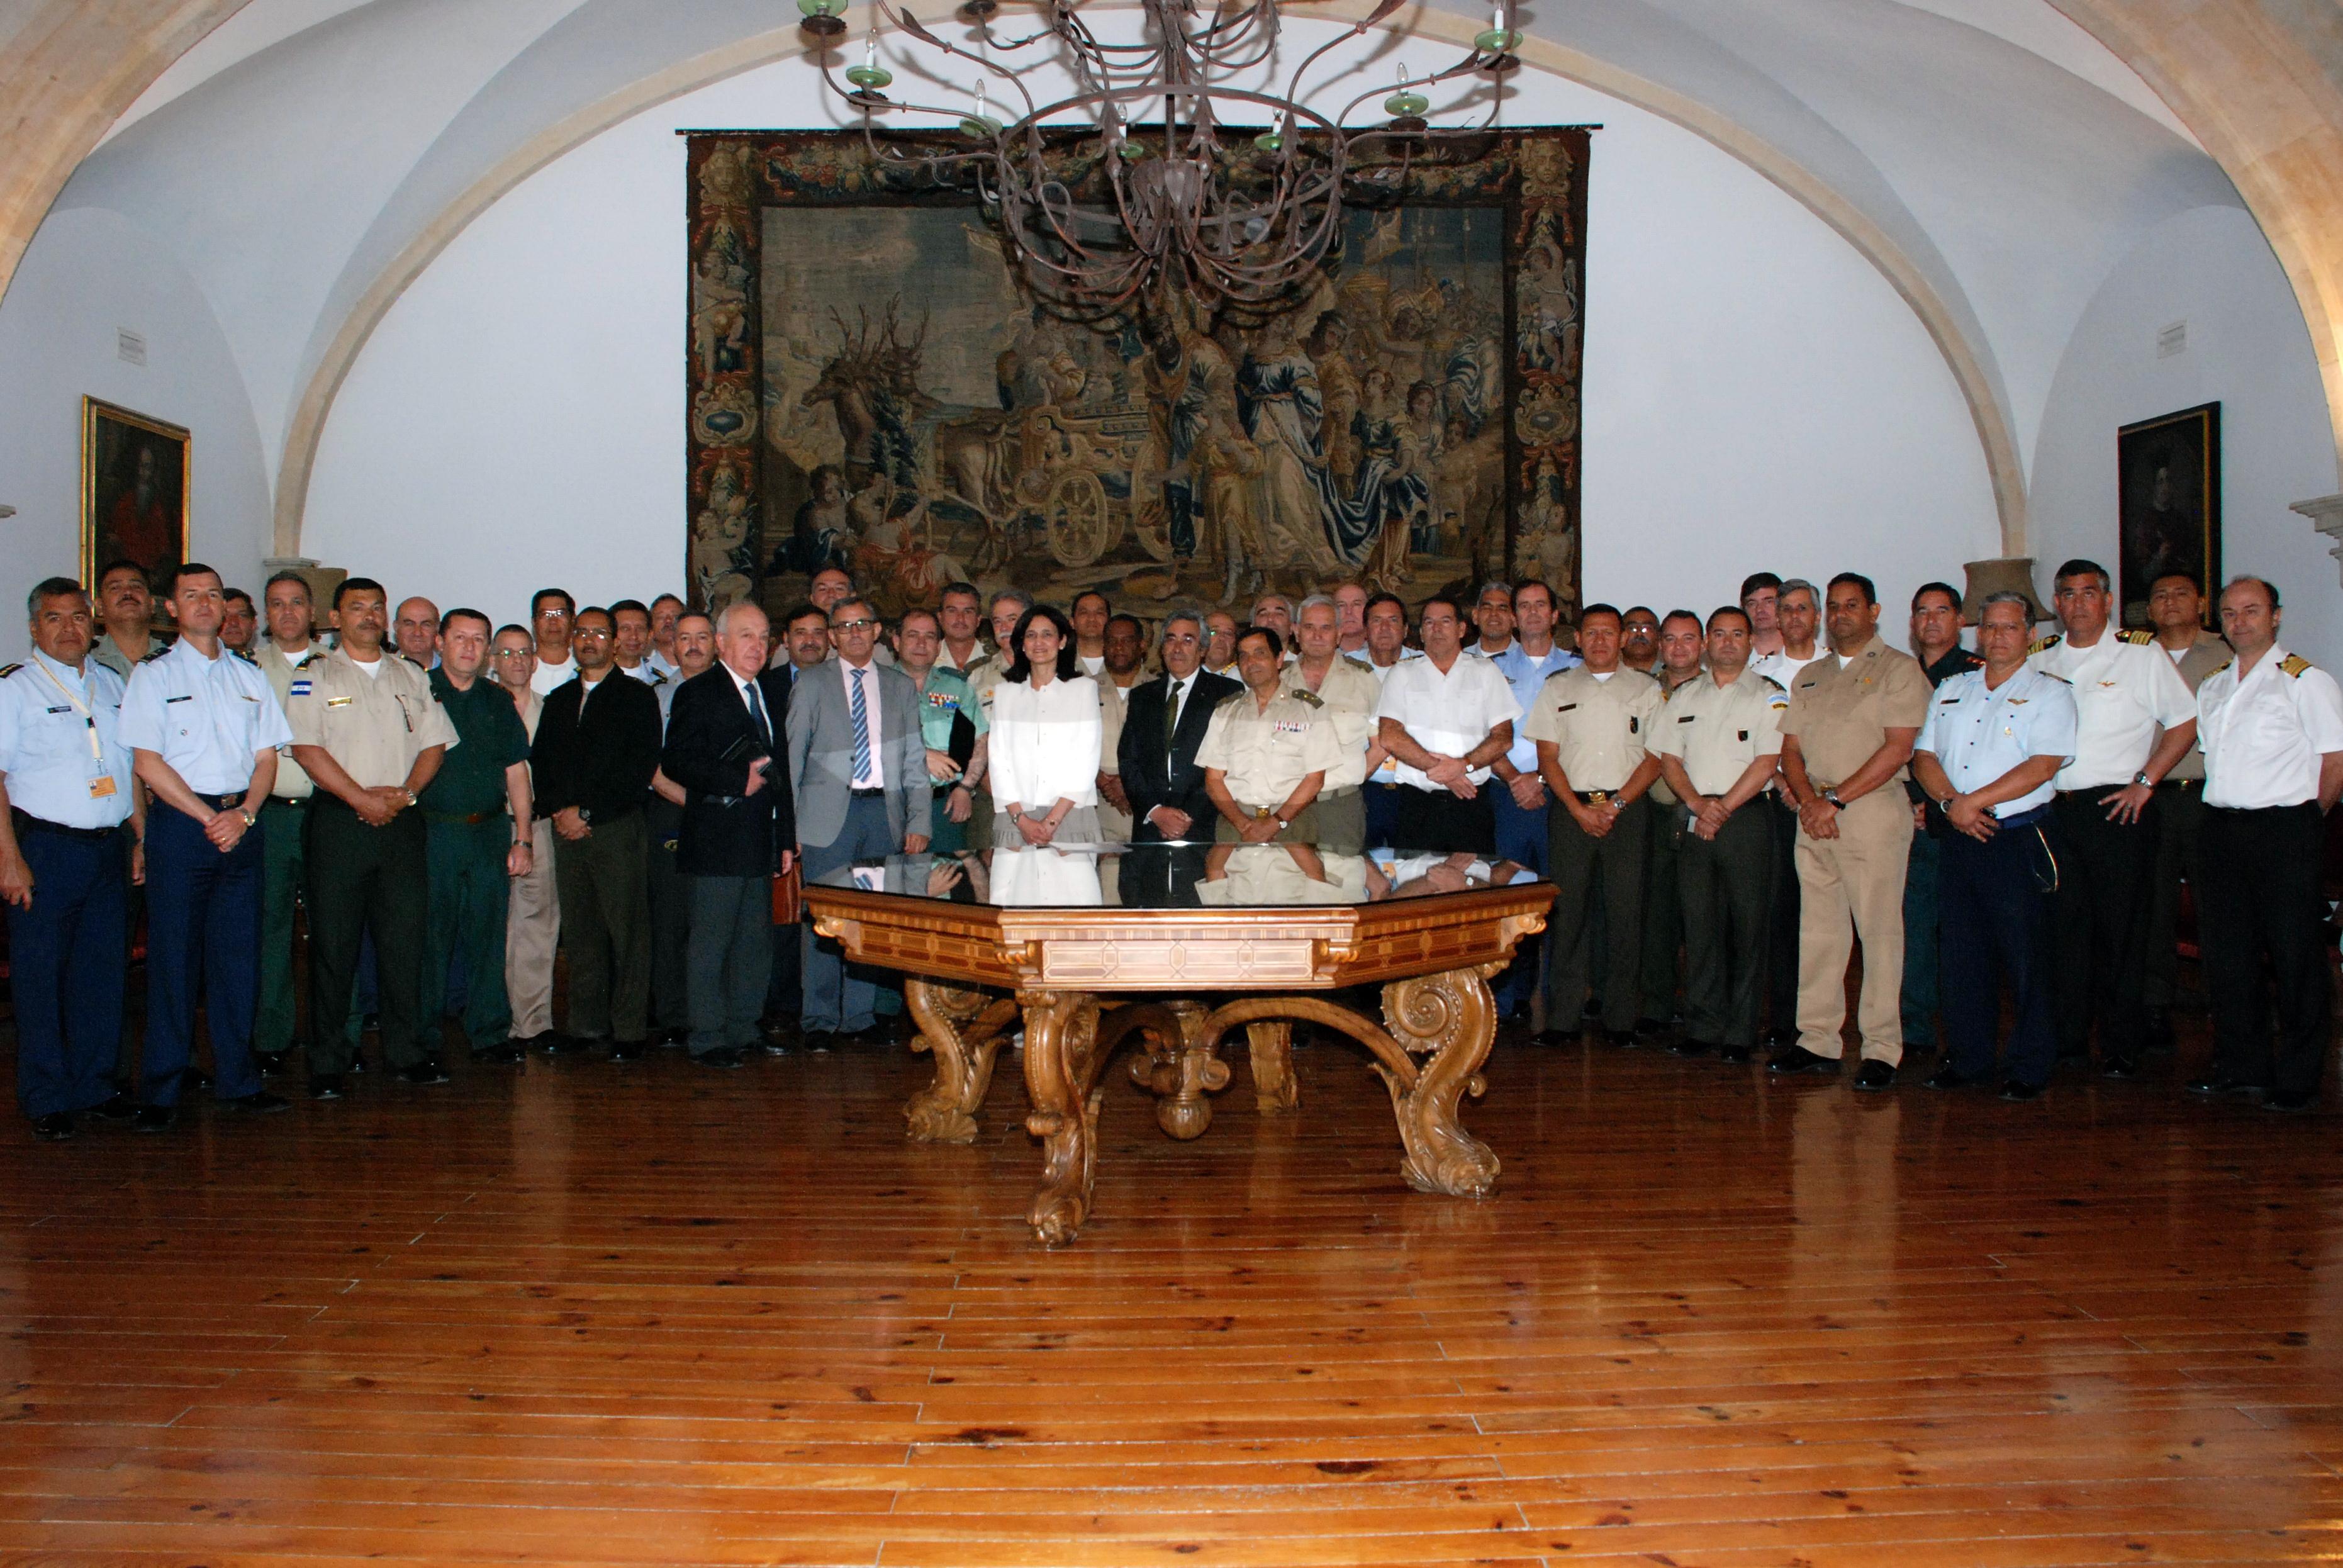 Cerca de 40 militares culminan sus estudios en el XIII Curso de Altos Estudios para Oficiales Superiores Iberoamericanos